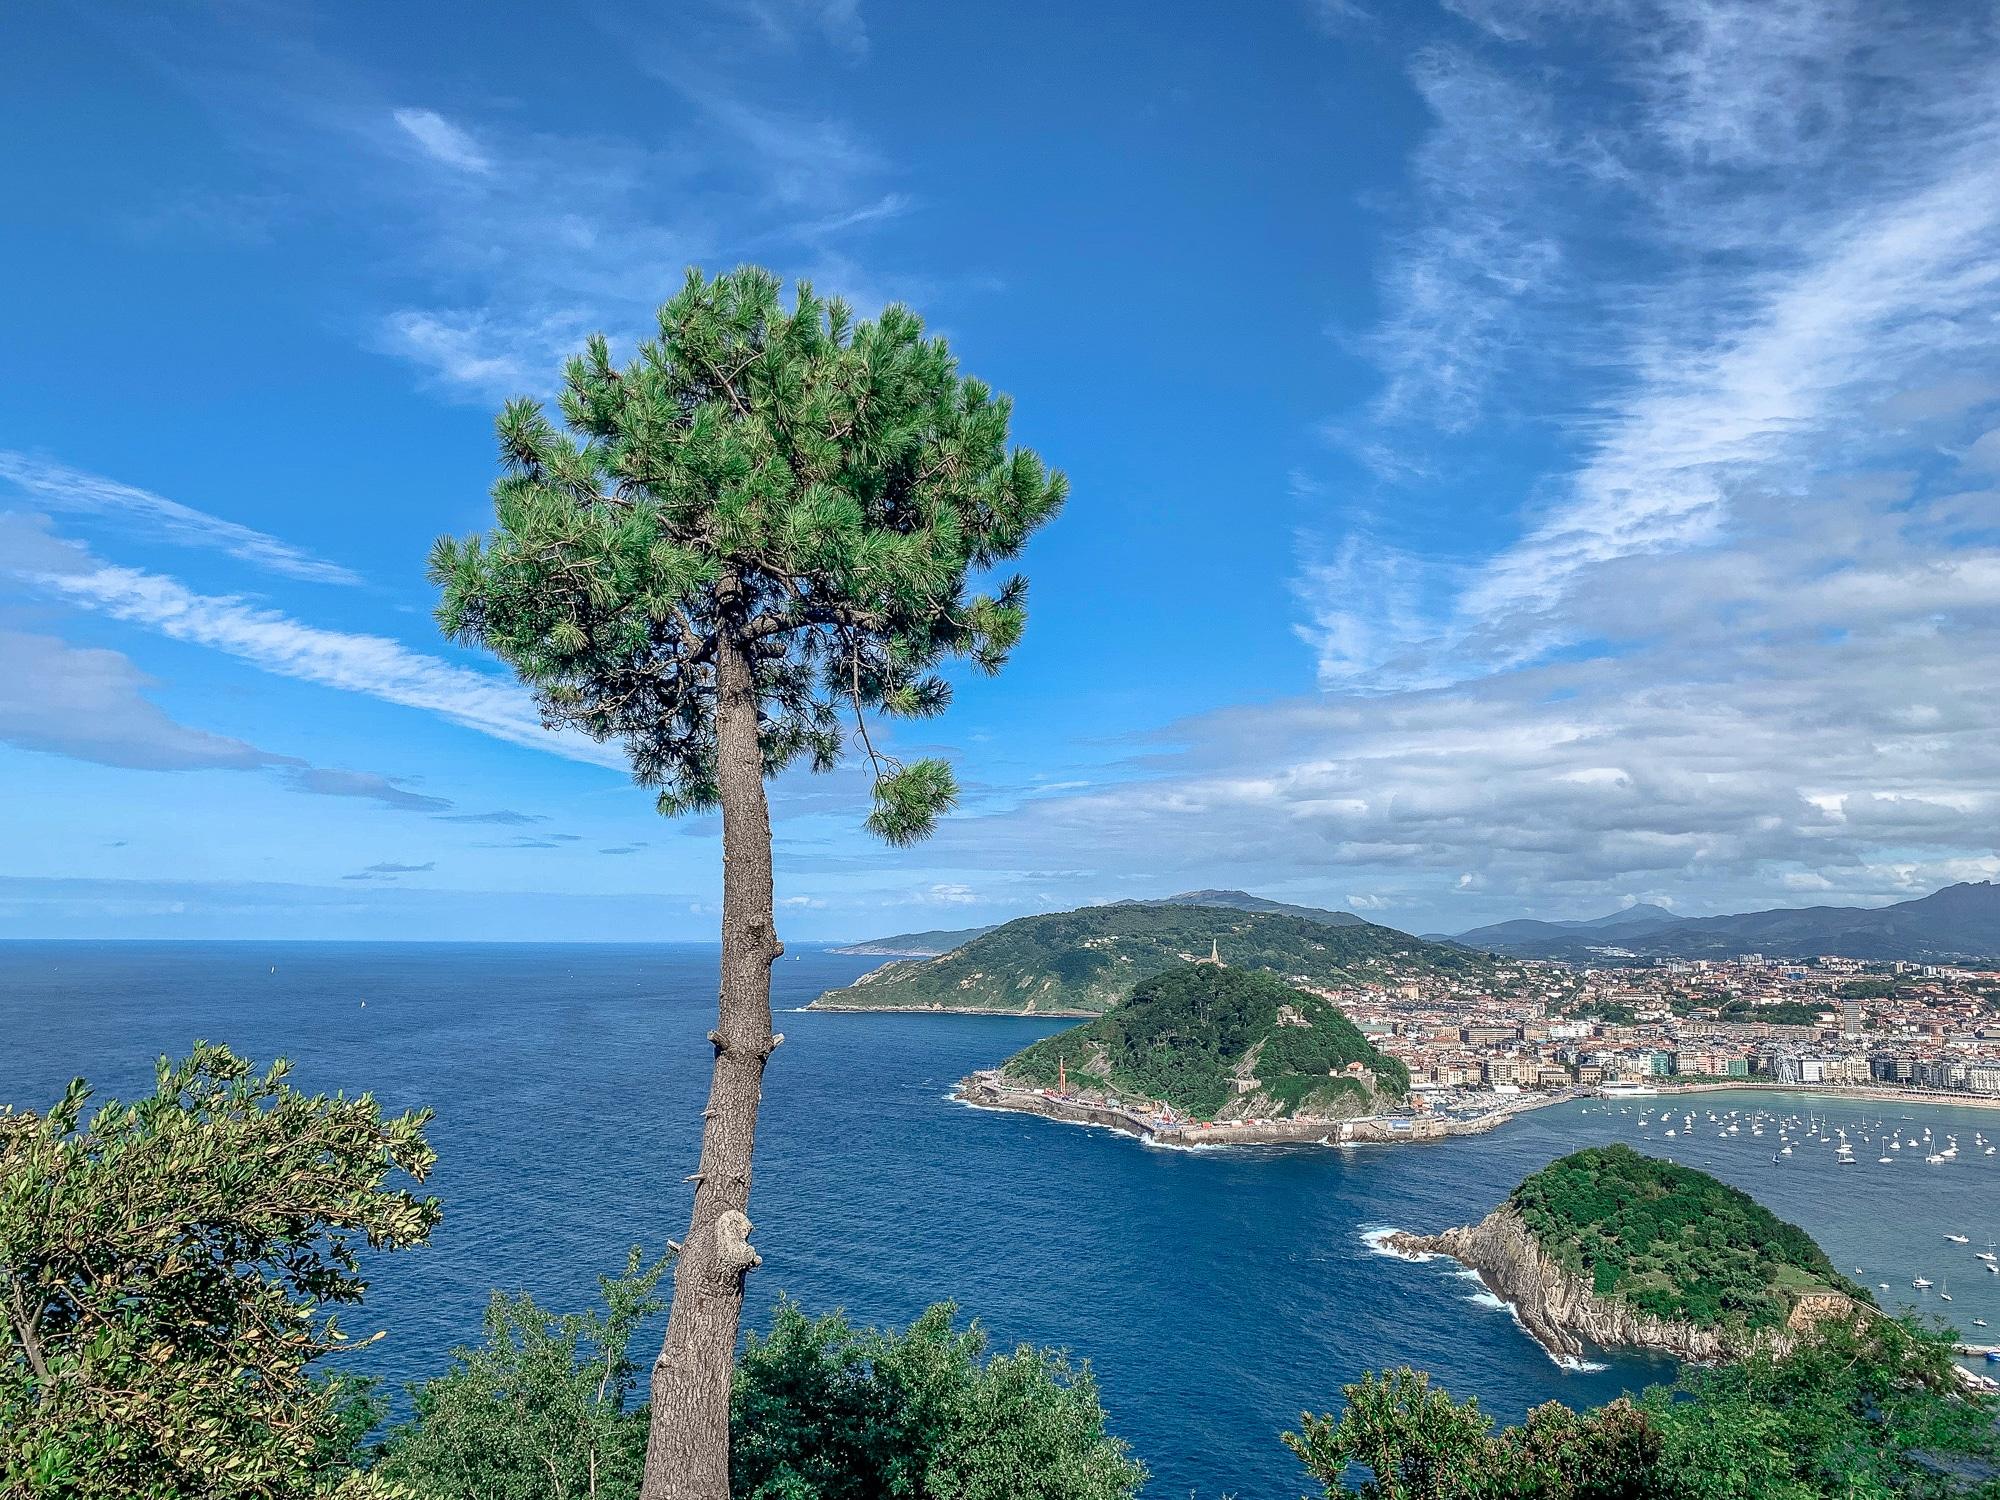 San Sebastián Sehenswürdigkeiten: Tipps für einen Donostia Tagesausflug - Parque de Attracciones Monte Igueldo